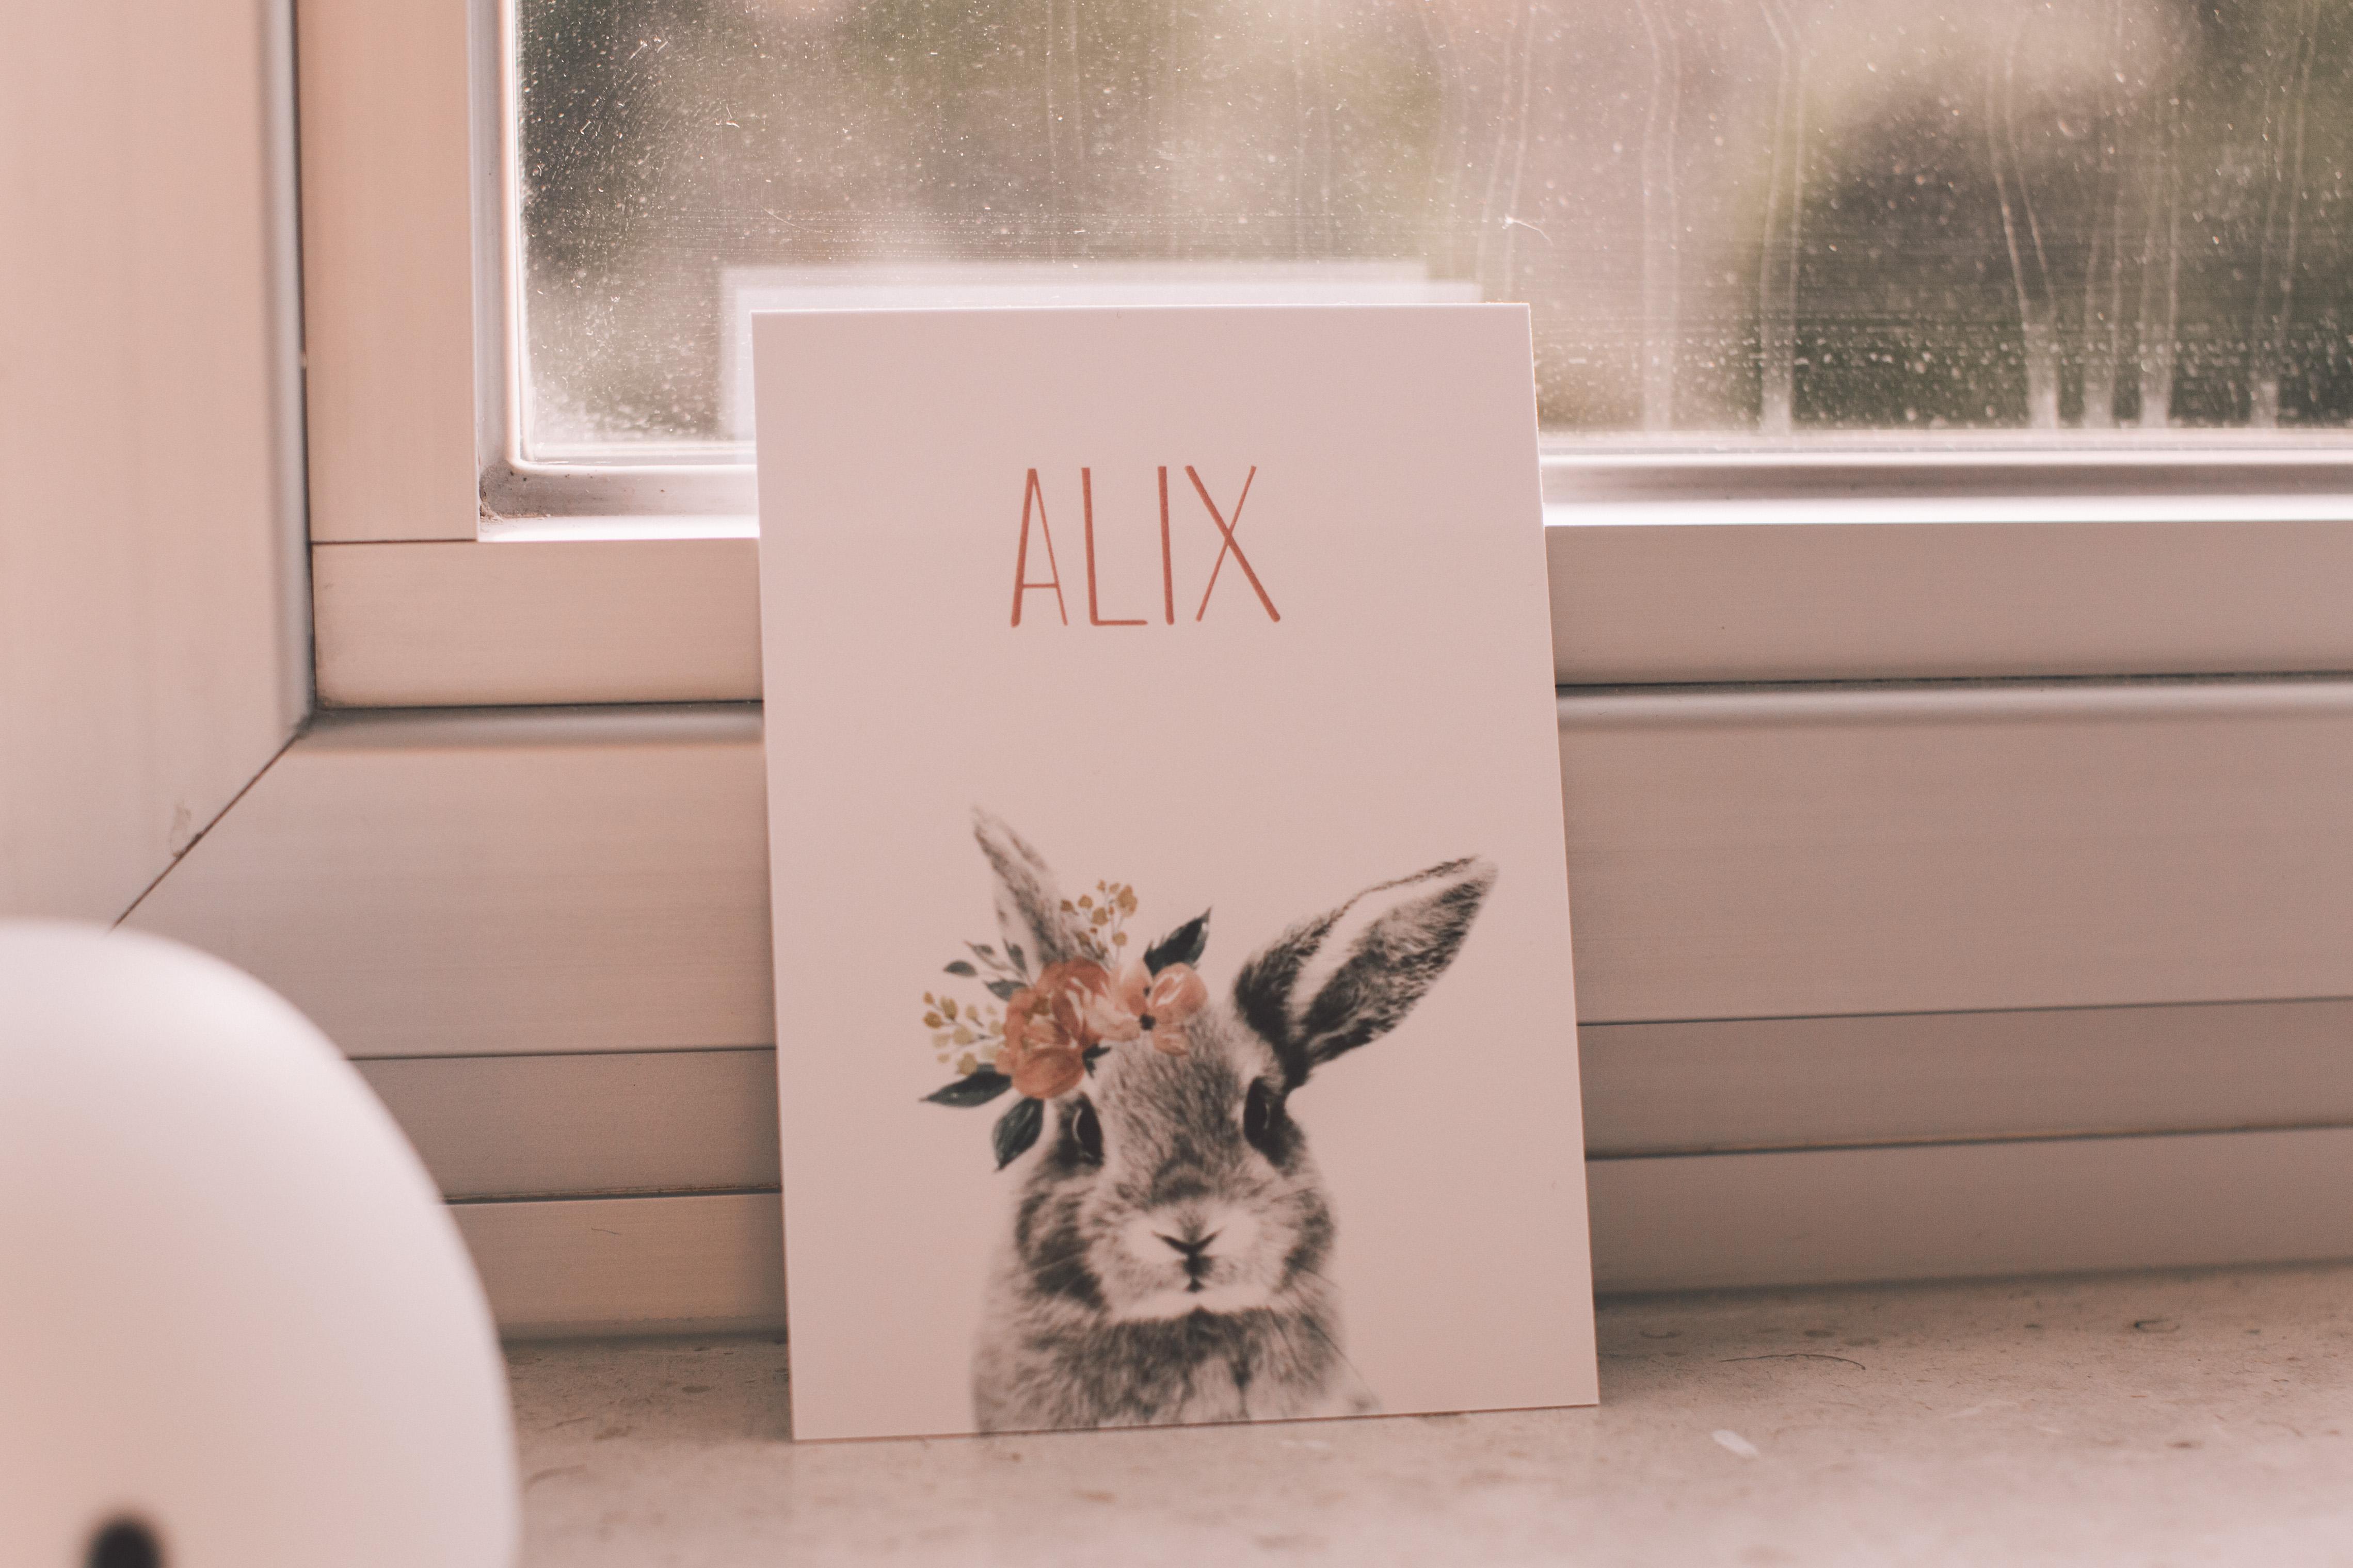 ALIX-9664